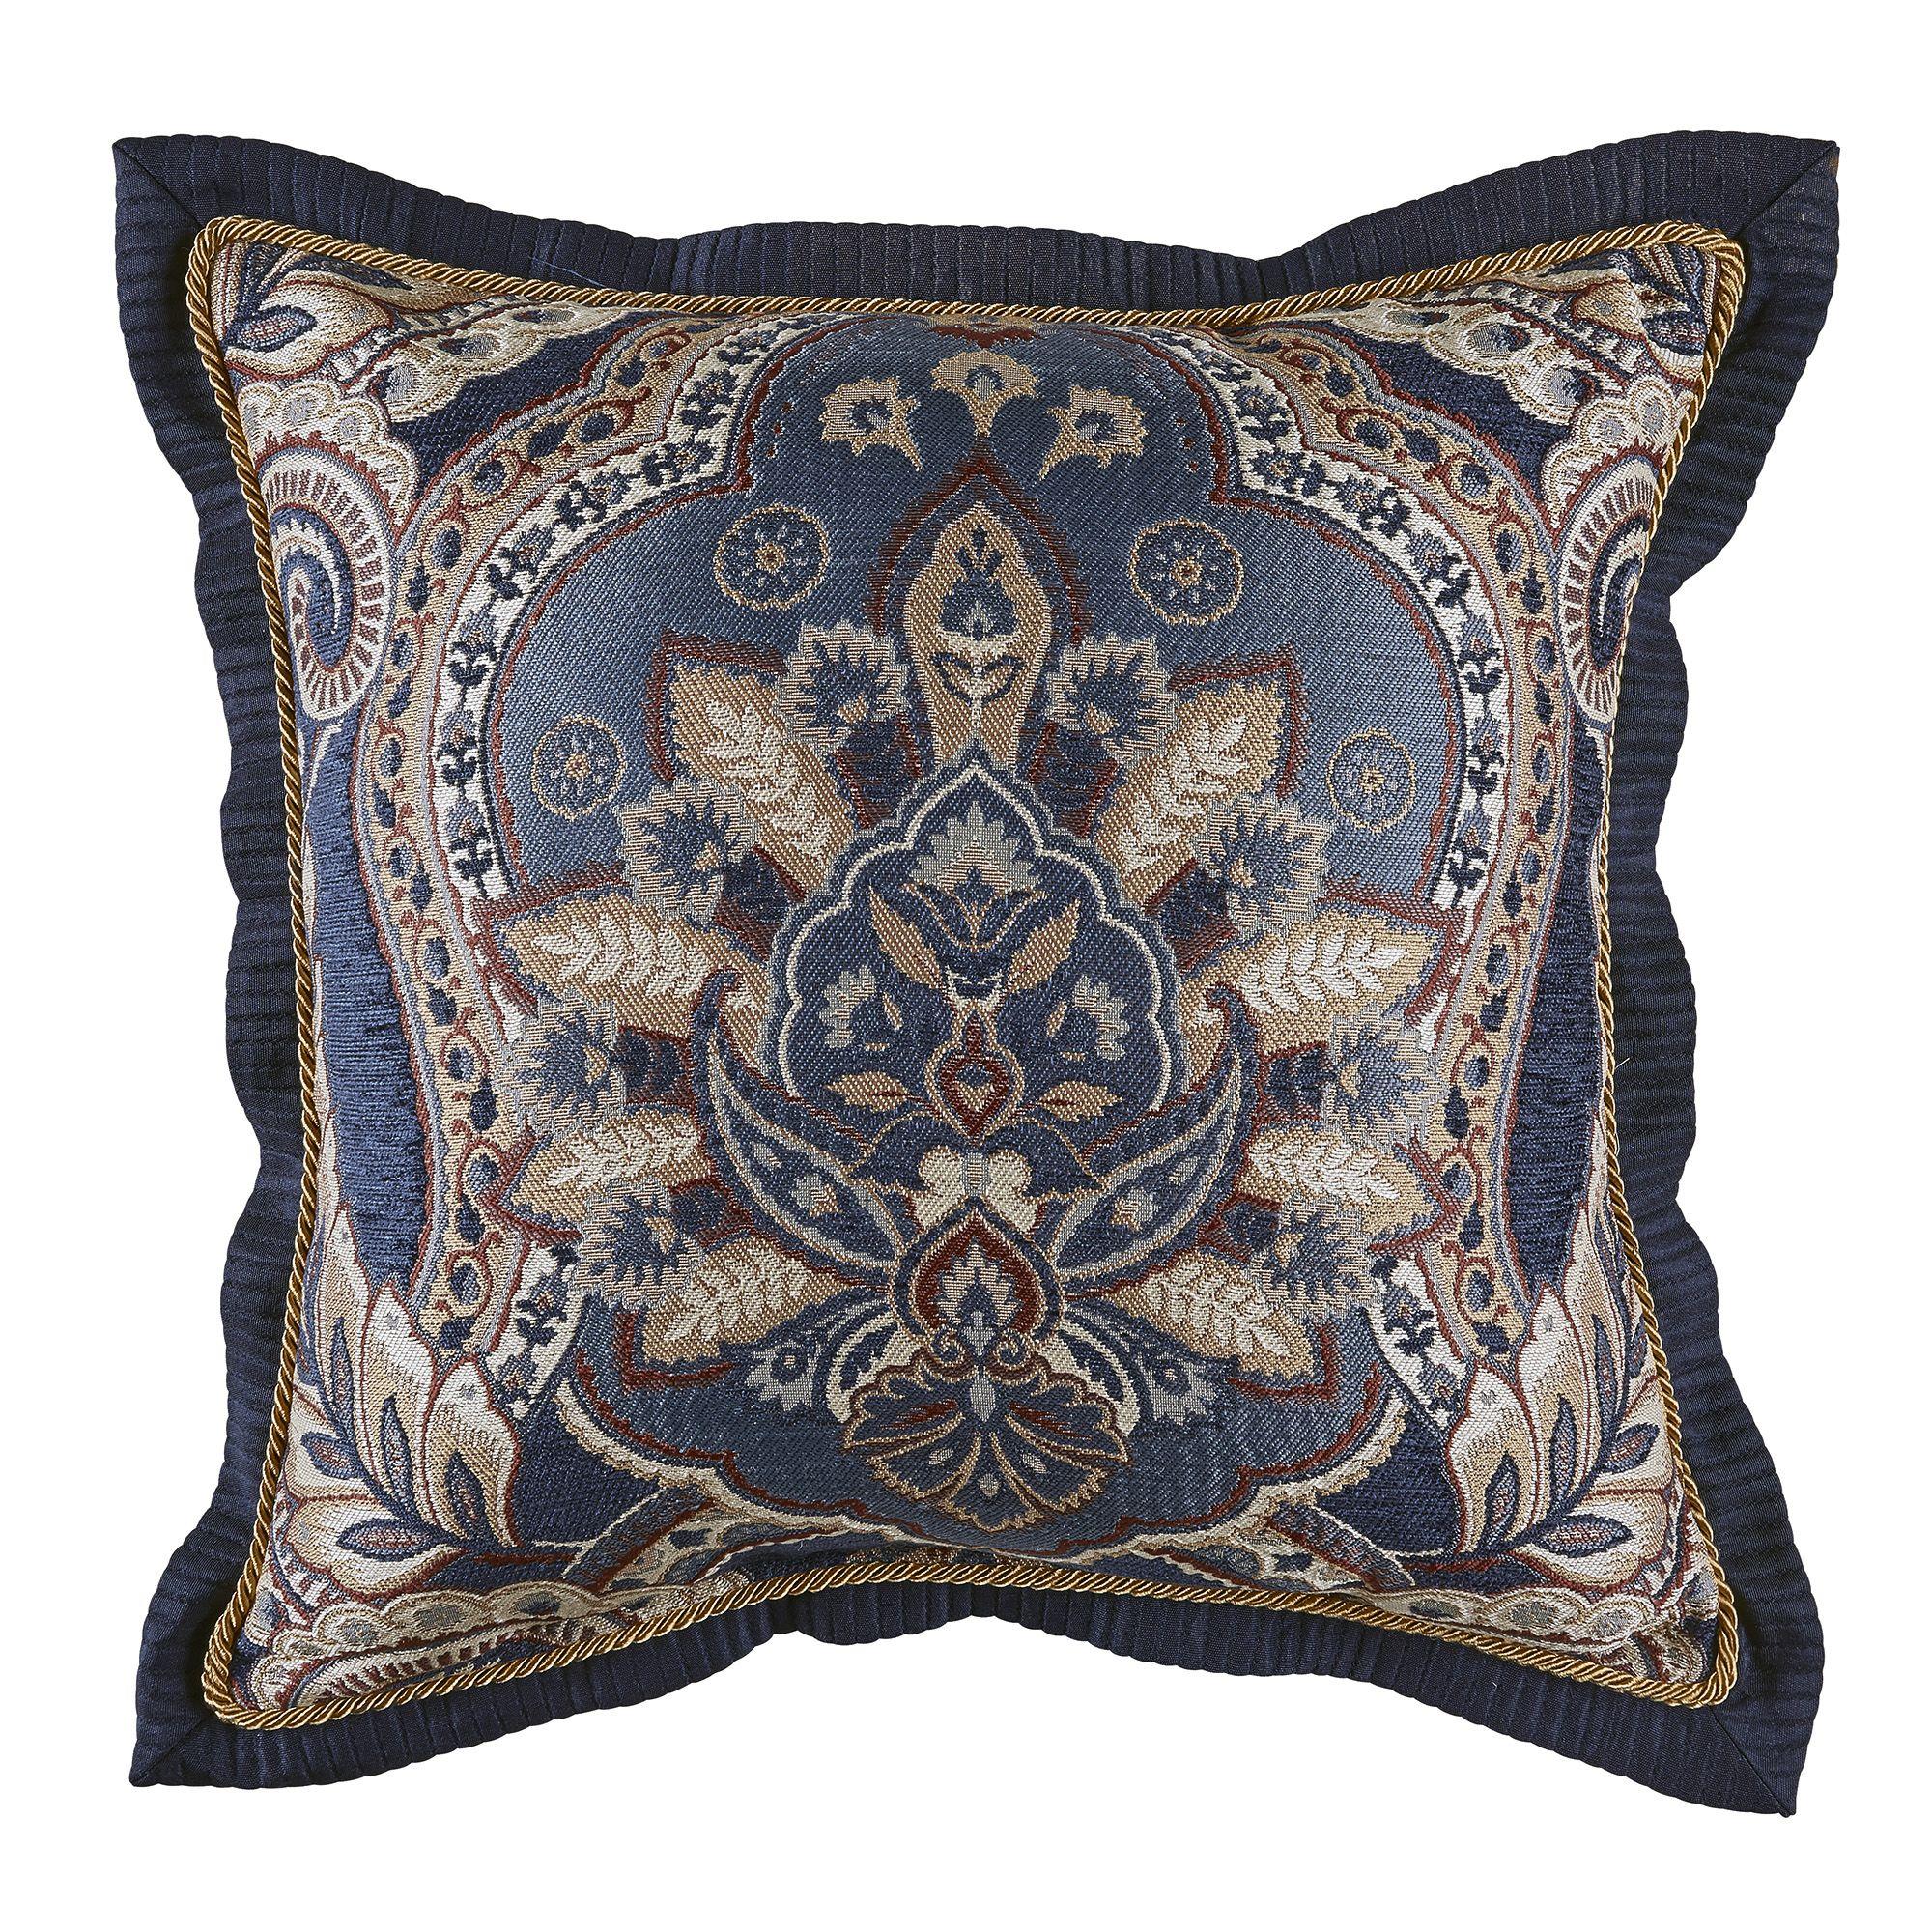 Aurelio Square Pillow Throw Pillows Square Throw Pillow Pillows